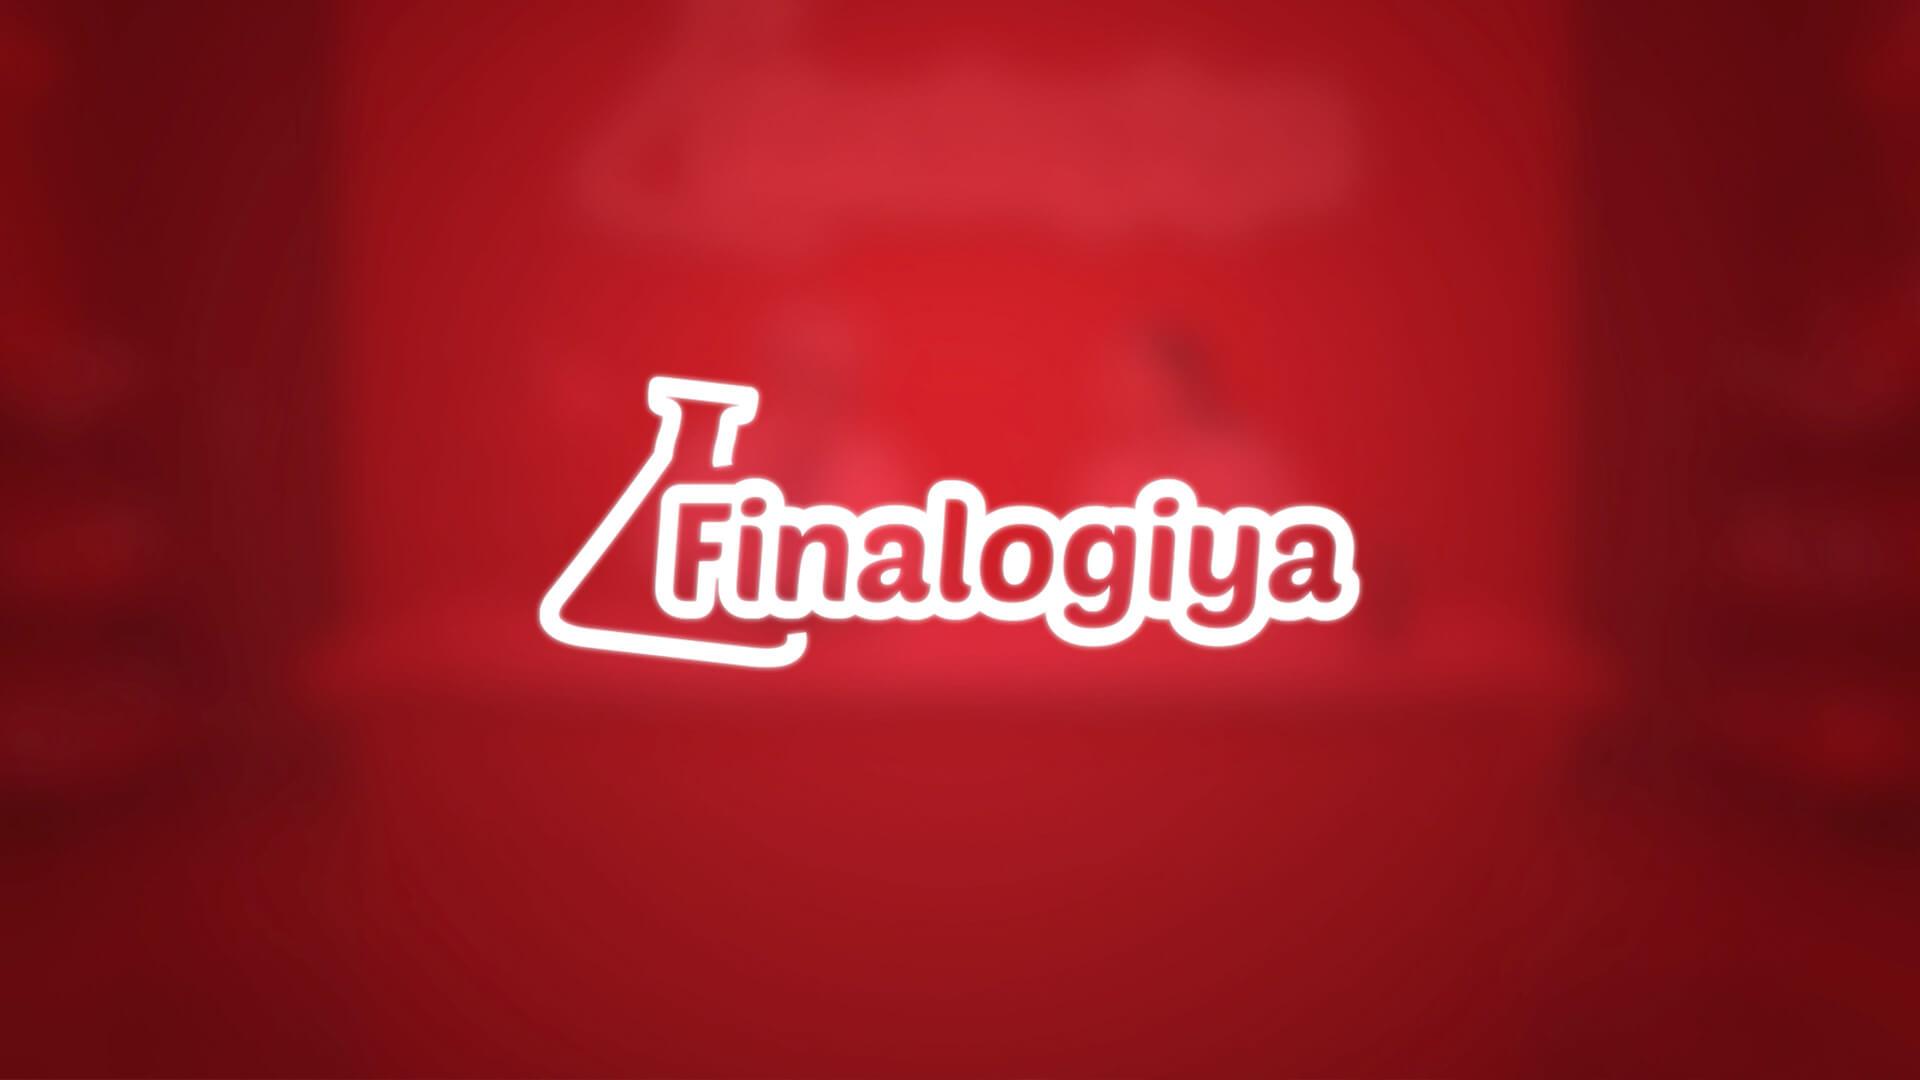 Final butter - Finalogy